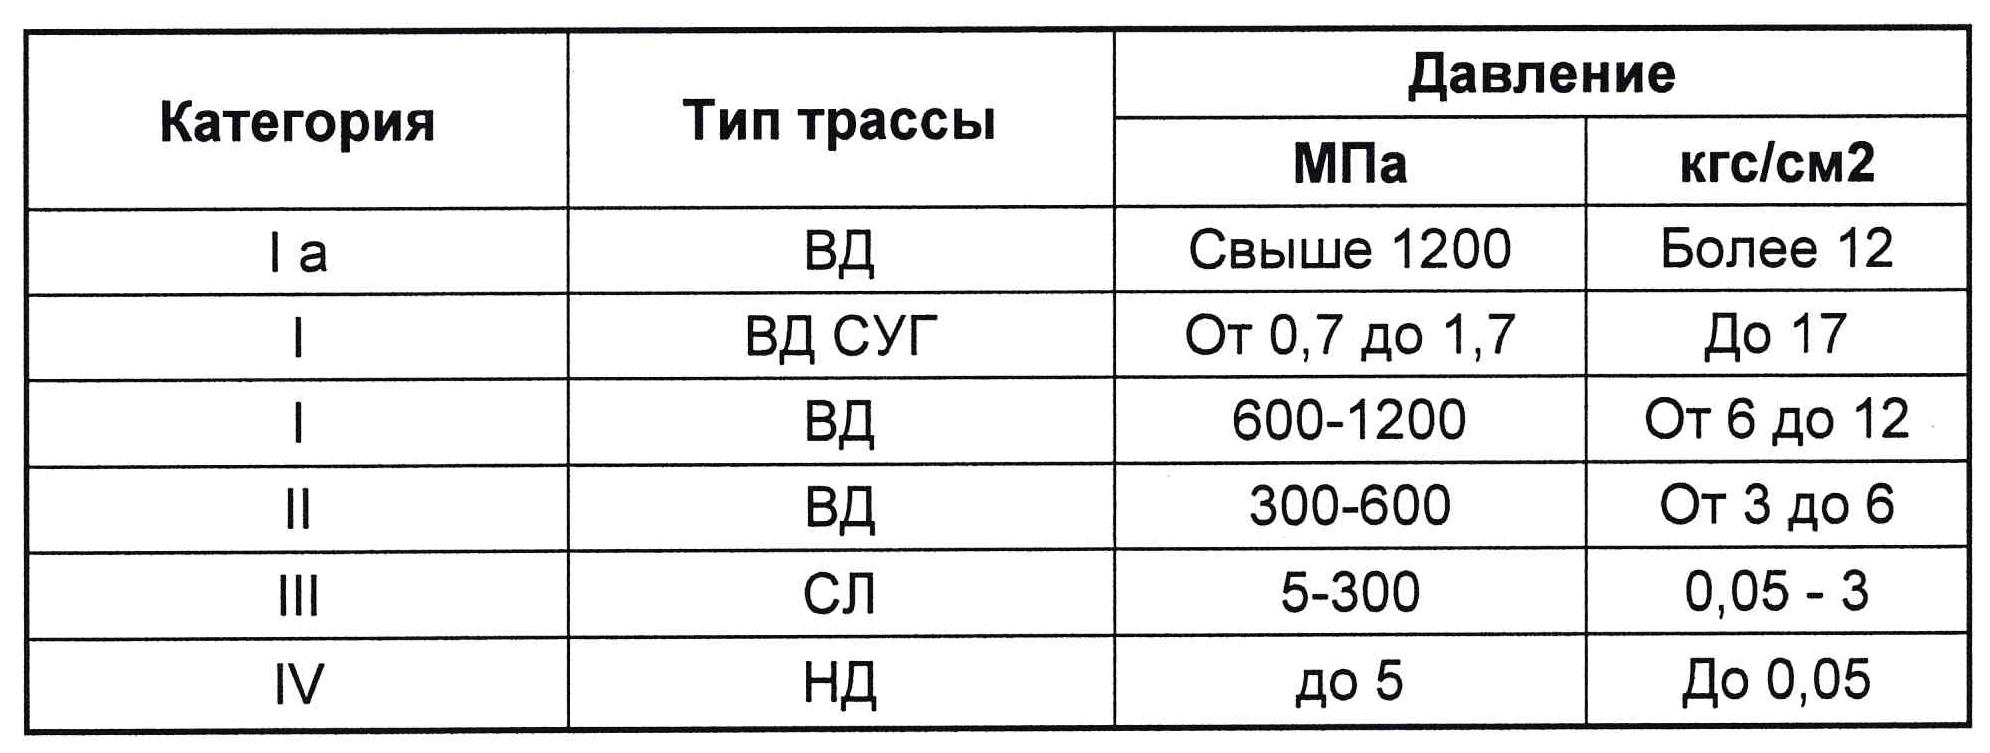 Таблица зависимости давления от категории и типа трассы